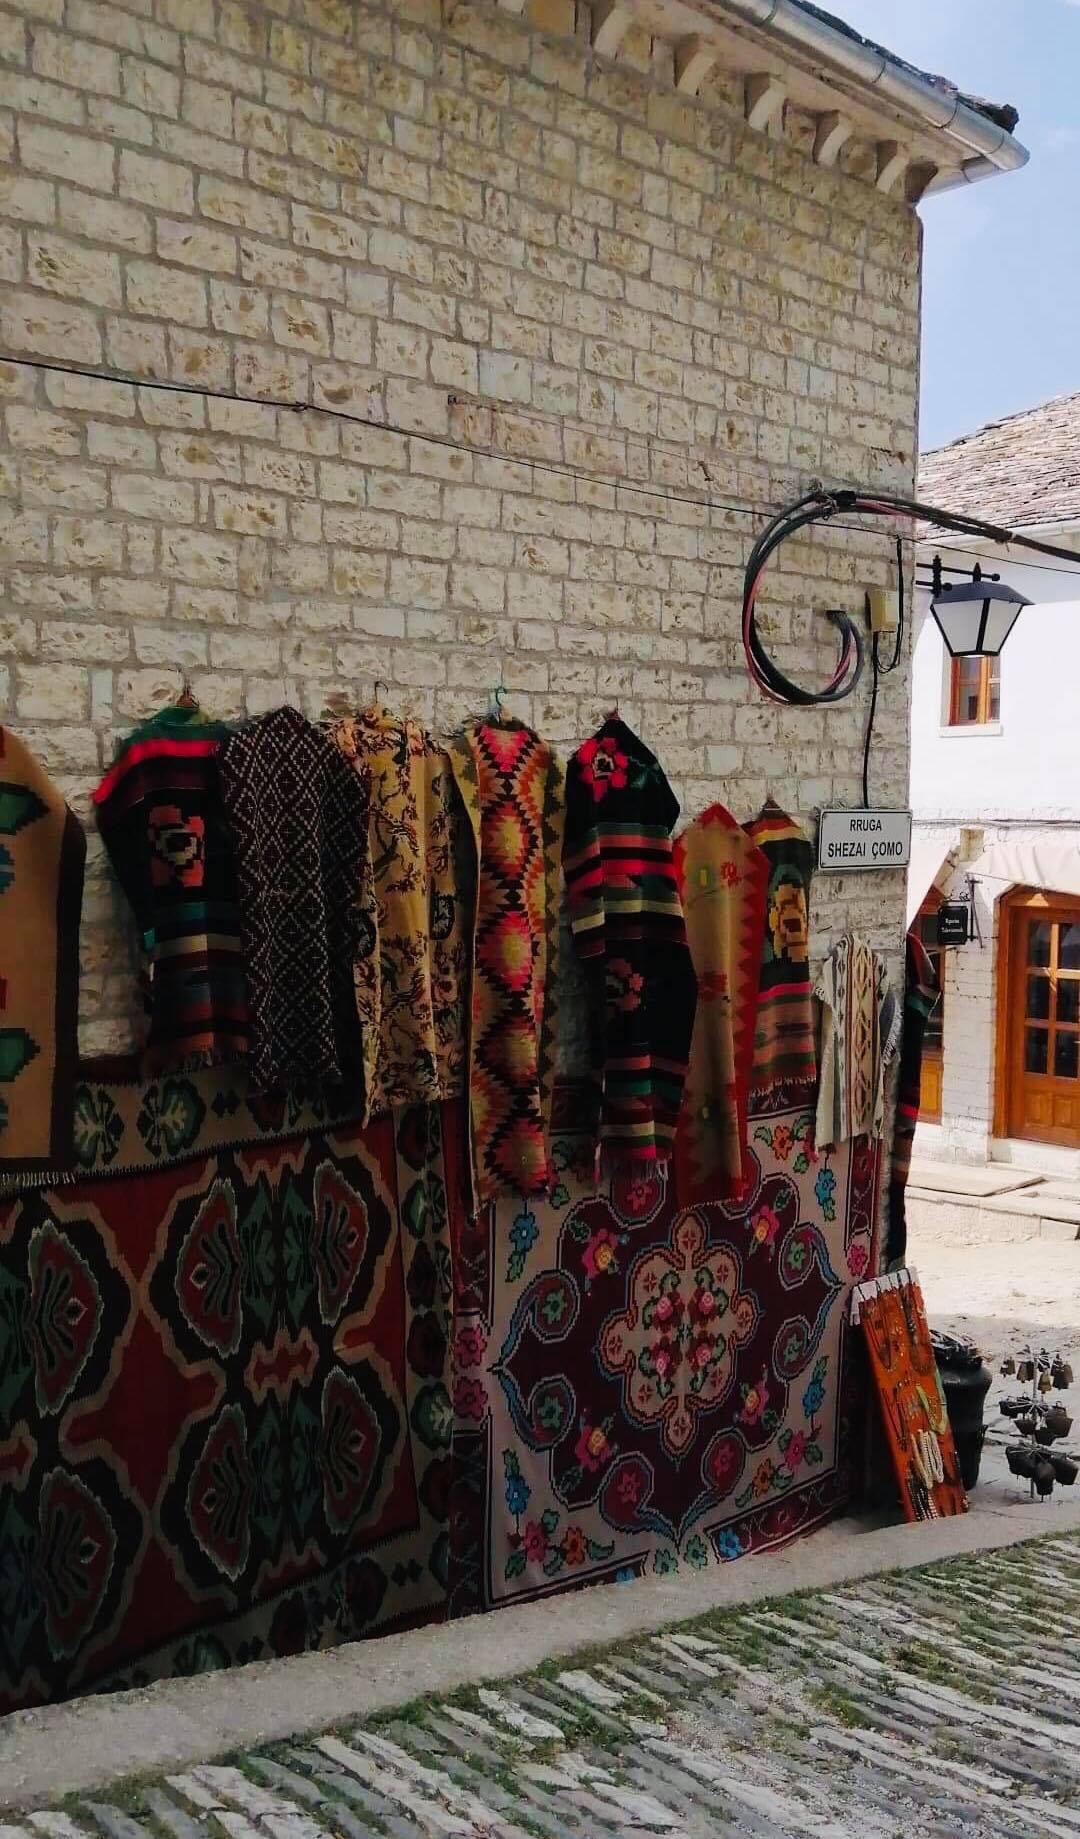 Albanialaista käsityötä esille kaupungin kadulla. Kuva: Heljä Ranta